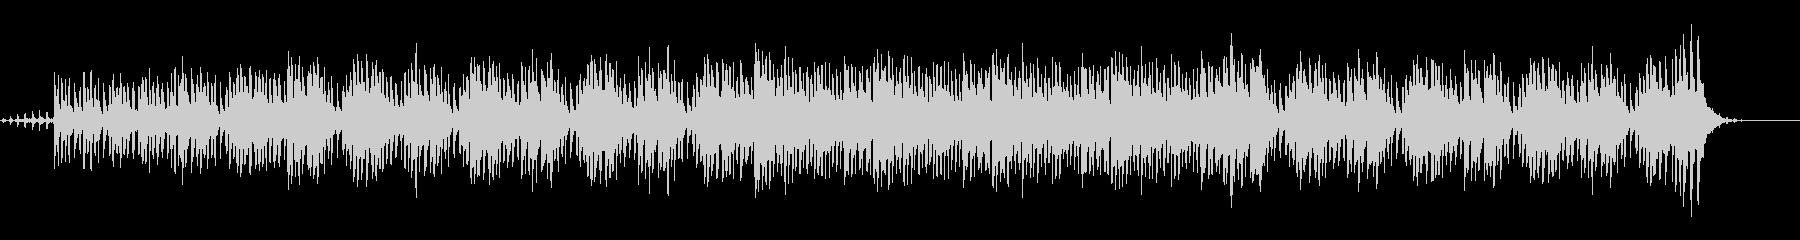 ファンタジーの世界で流れる木琴BGMの未再生の波形